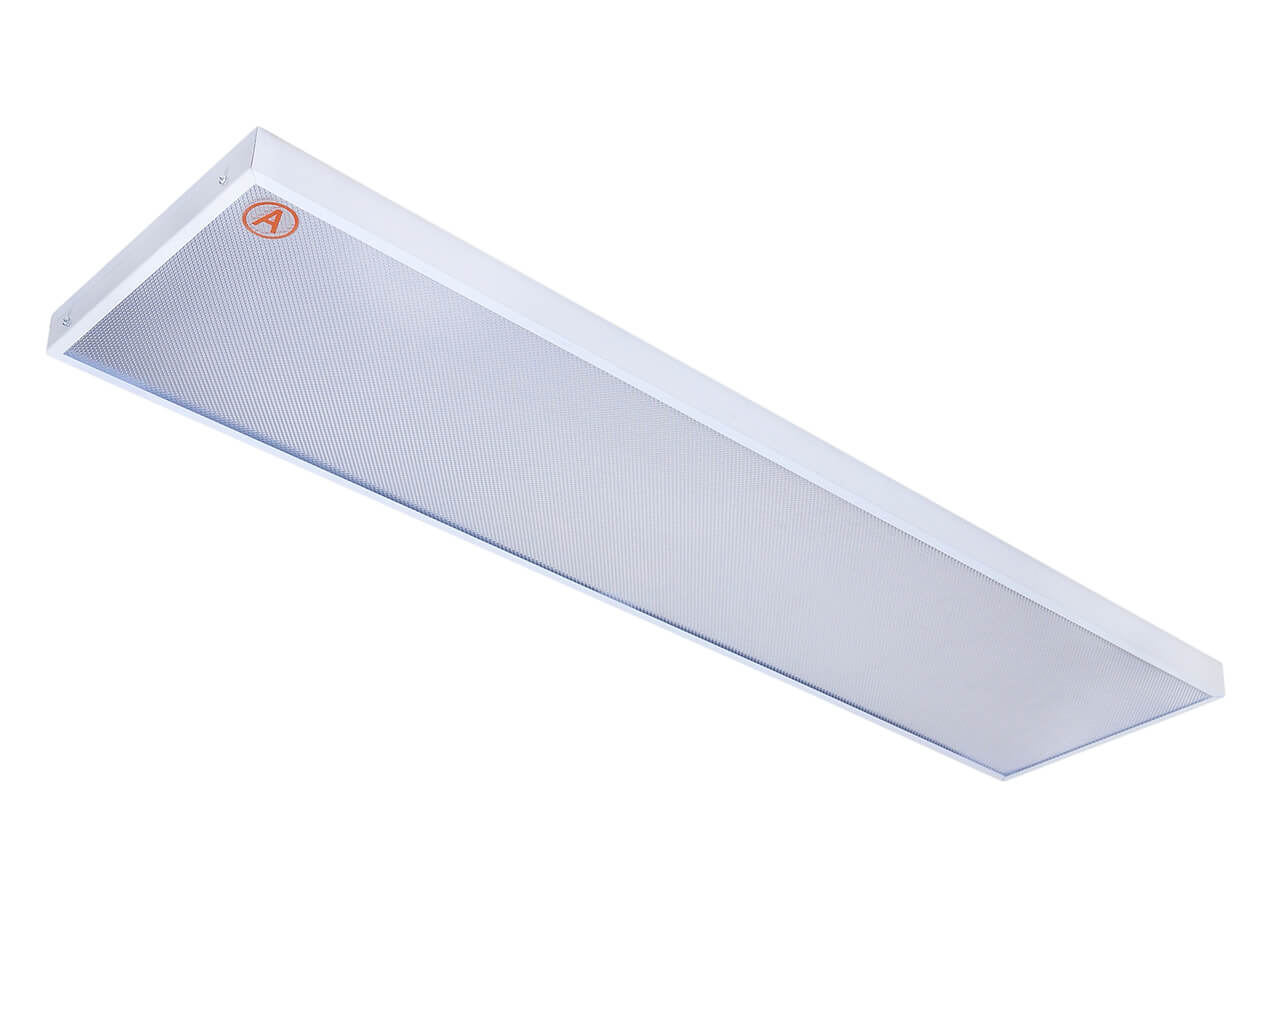 Накладной светильник LC-NSM-80 ватт 1195x295 Теплый белый Призма Бап 3 часа